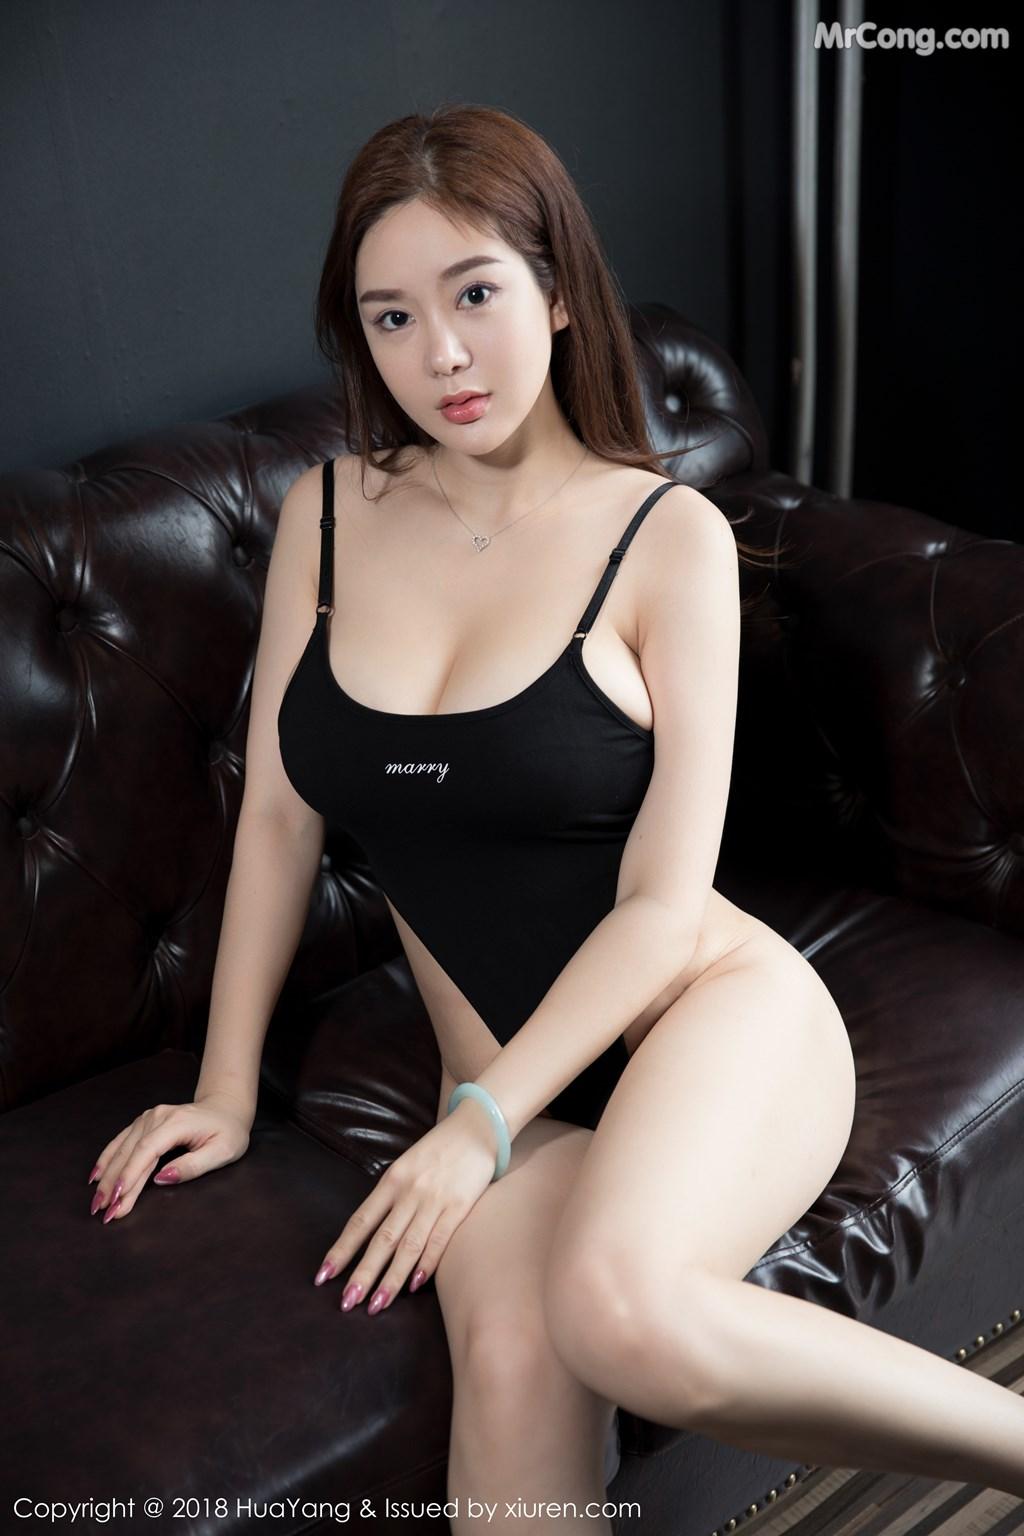 Image HuaYang-2018-08-09-Vol.068-Silvia-MrCong.com-014 in post HuaYang 2018-08-09 Vol.068: Người mẫu 易阳Silvia (41 ảnh)